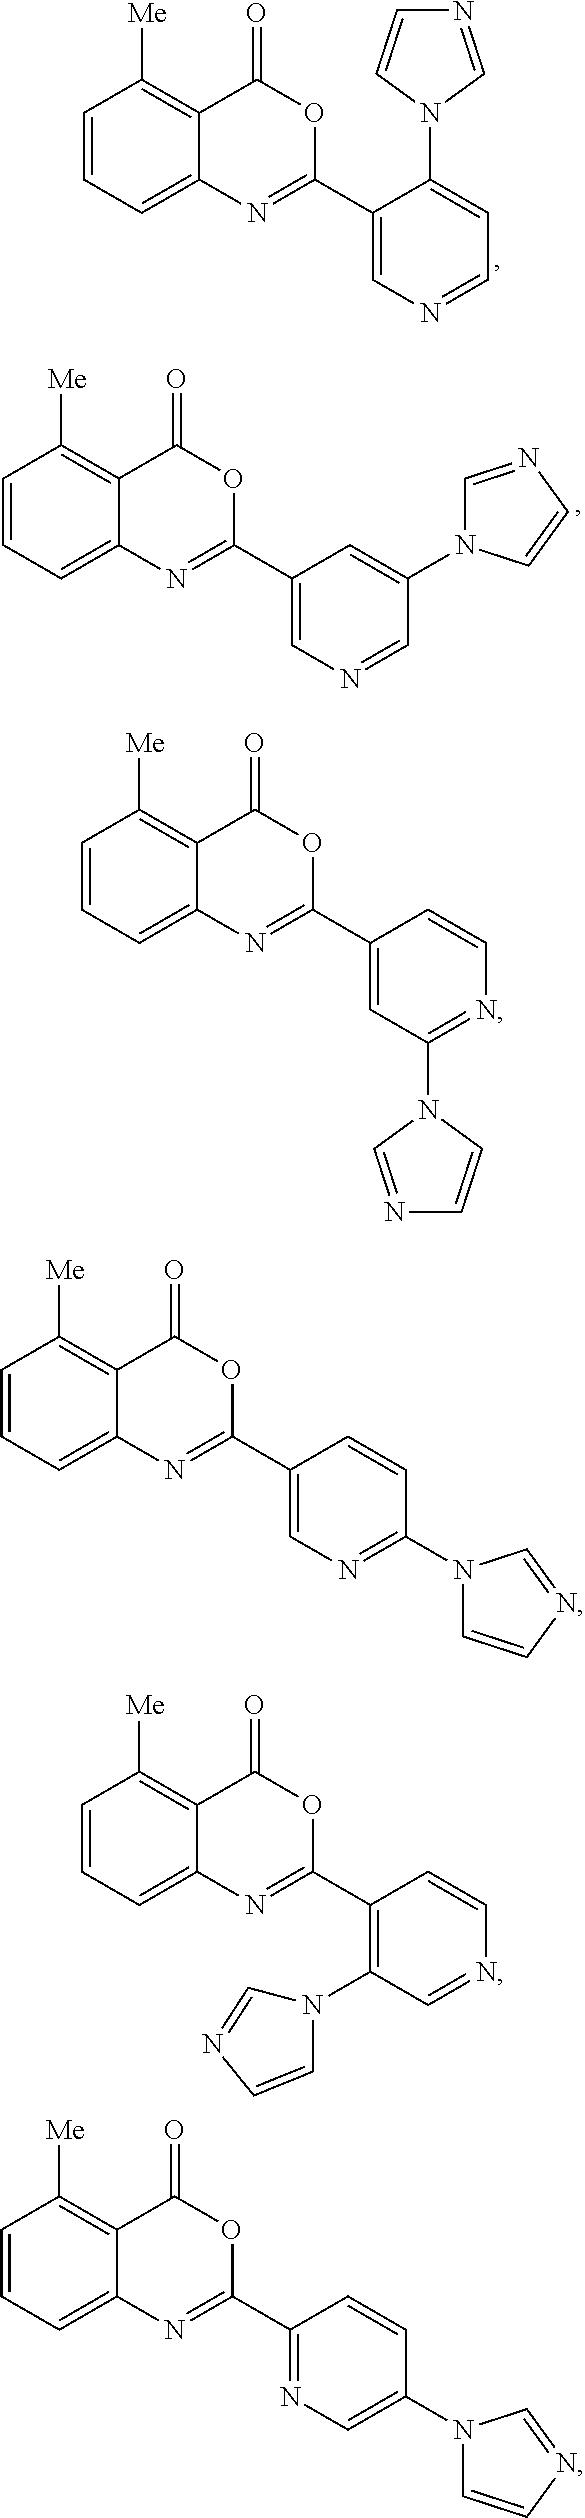 Figure US07879846-20110201-C00386